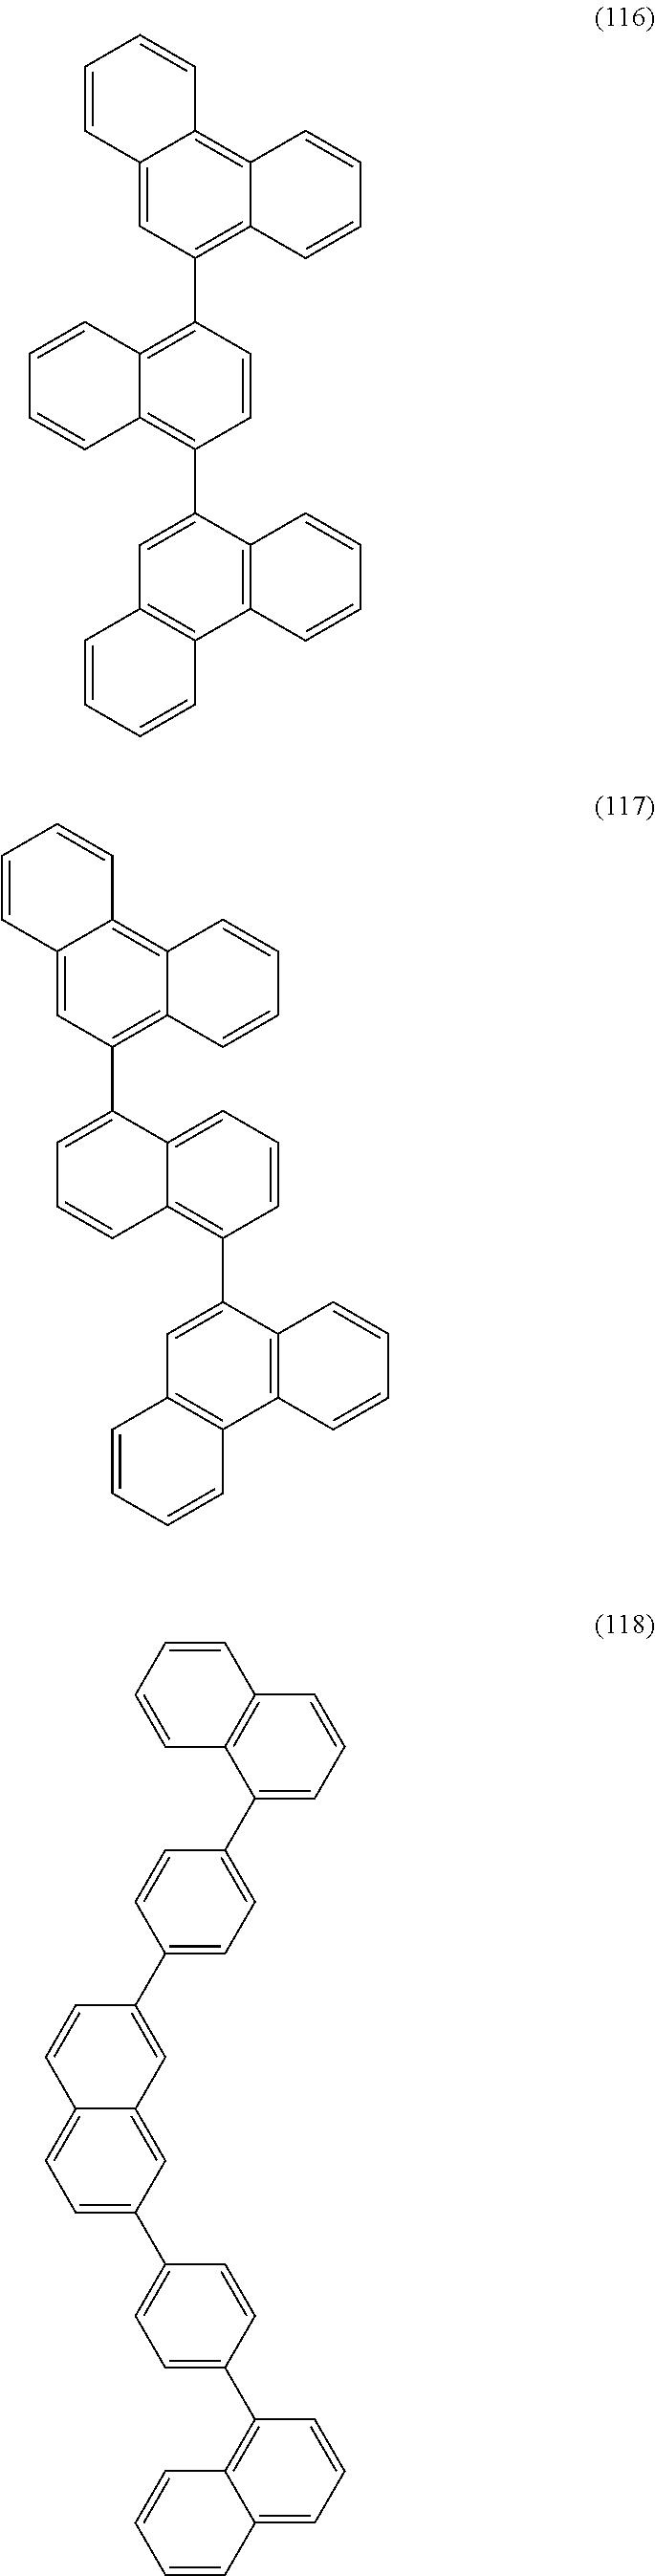 Figure US09385328-20160705-C00022